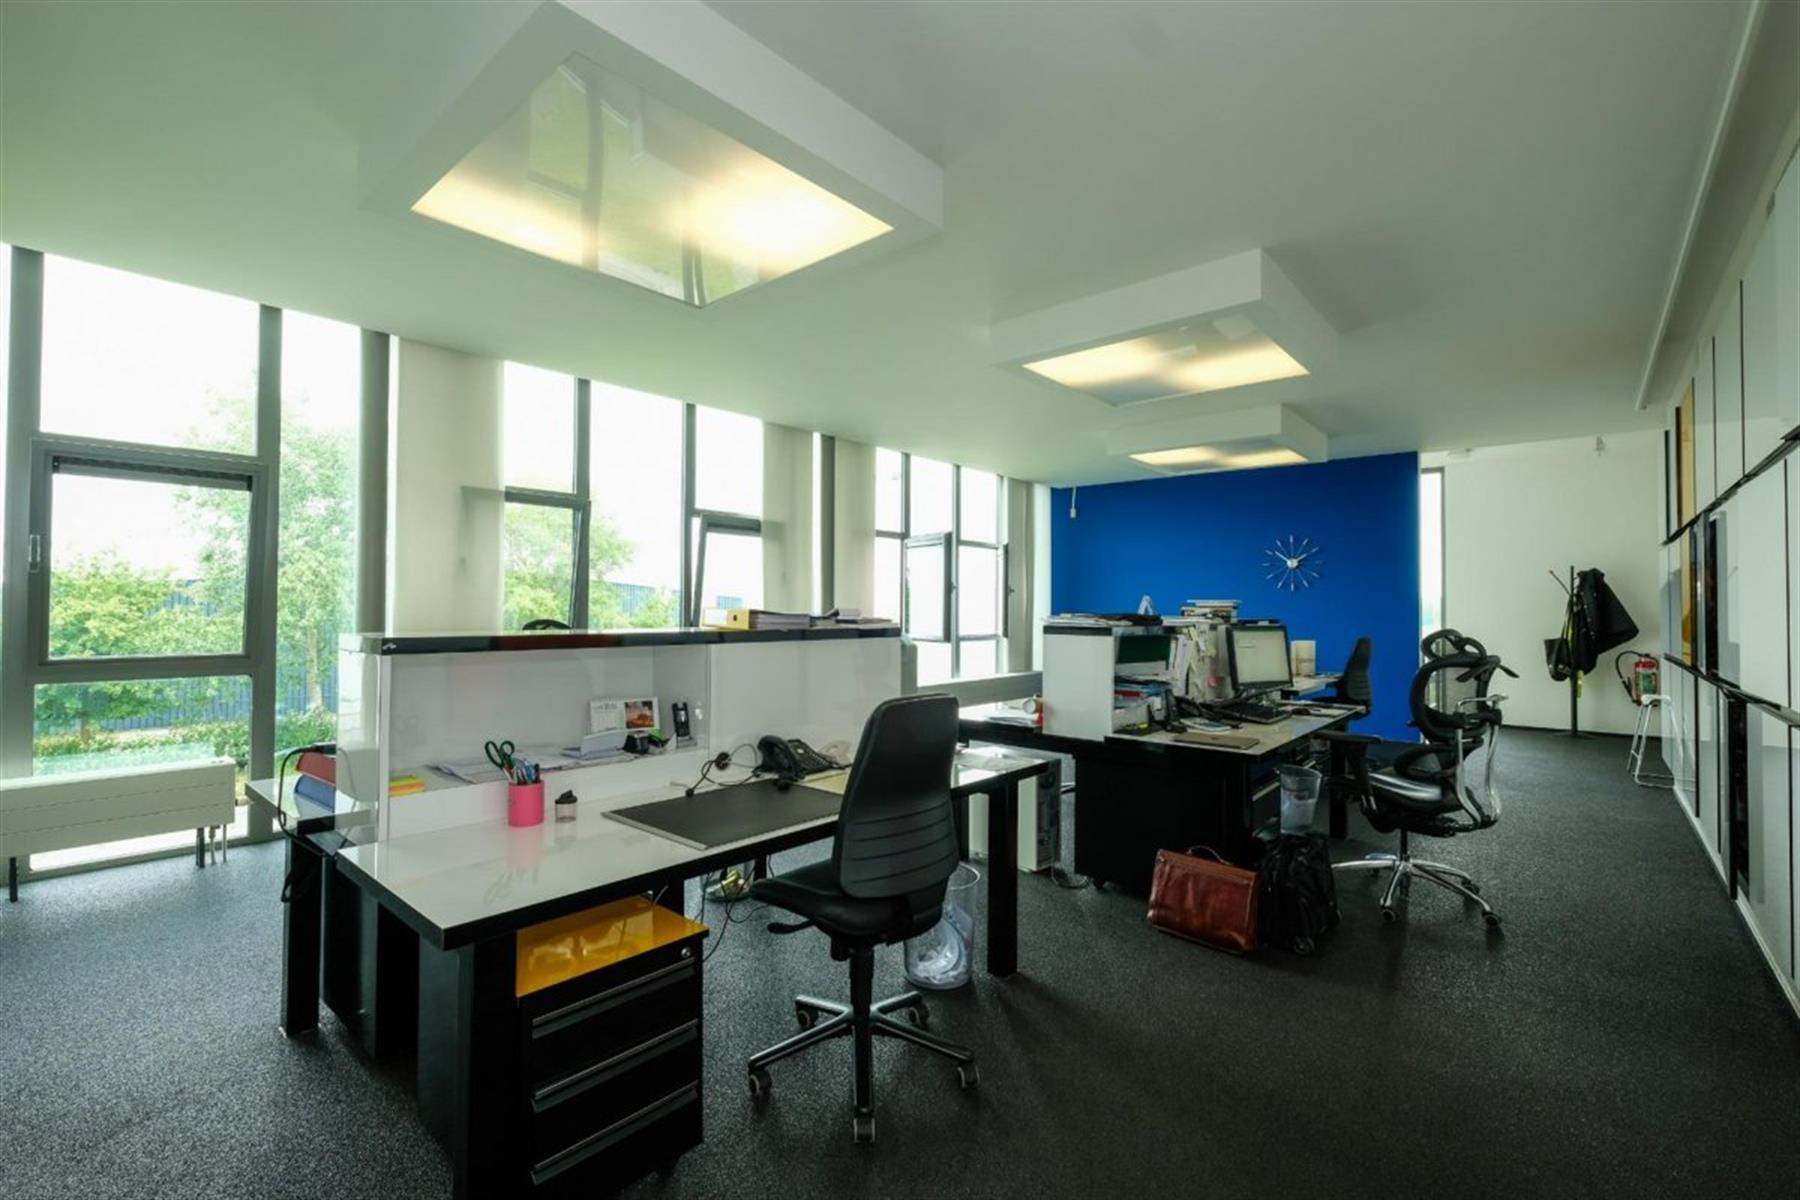 bedrijfsgebouw te koop I122 - Bedrijfsgebouw - Centrum-Zuid 3023 2, 3530 Houthalen-Helchteren, België 5